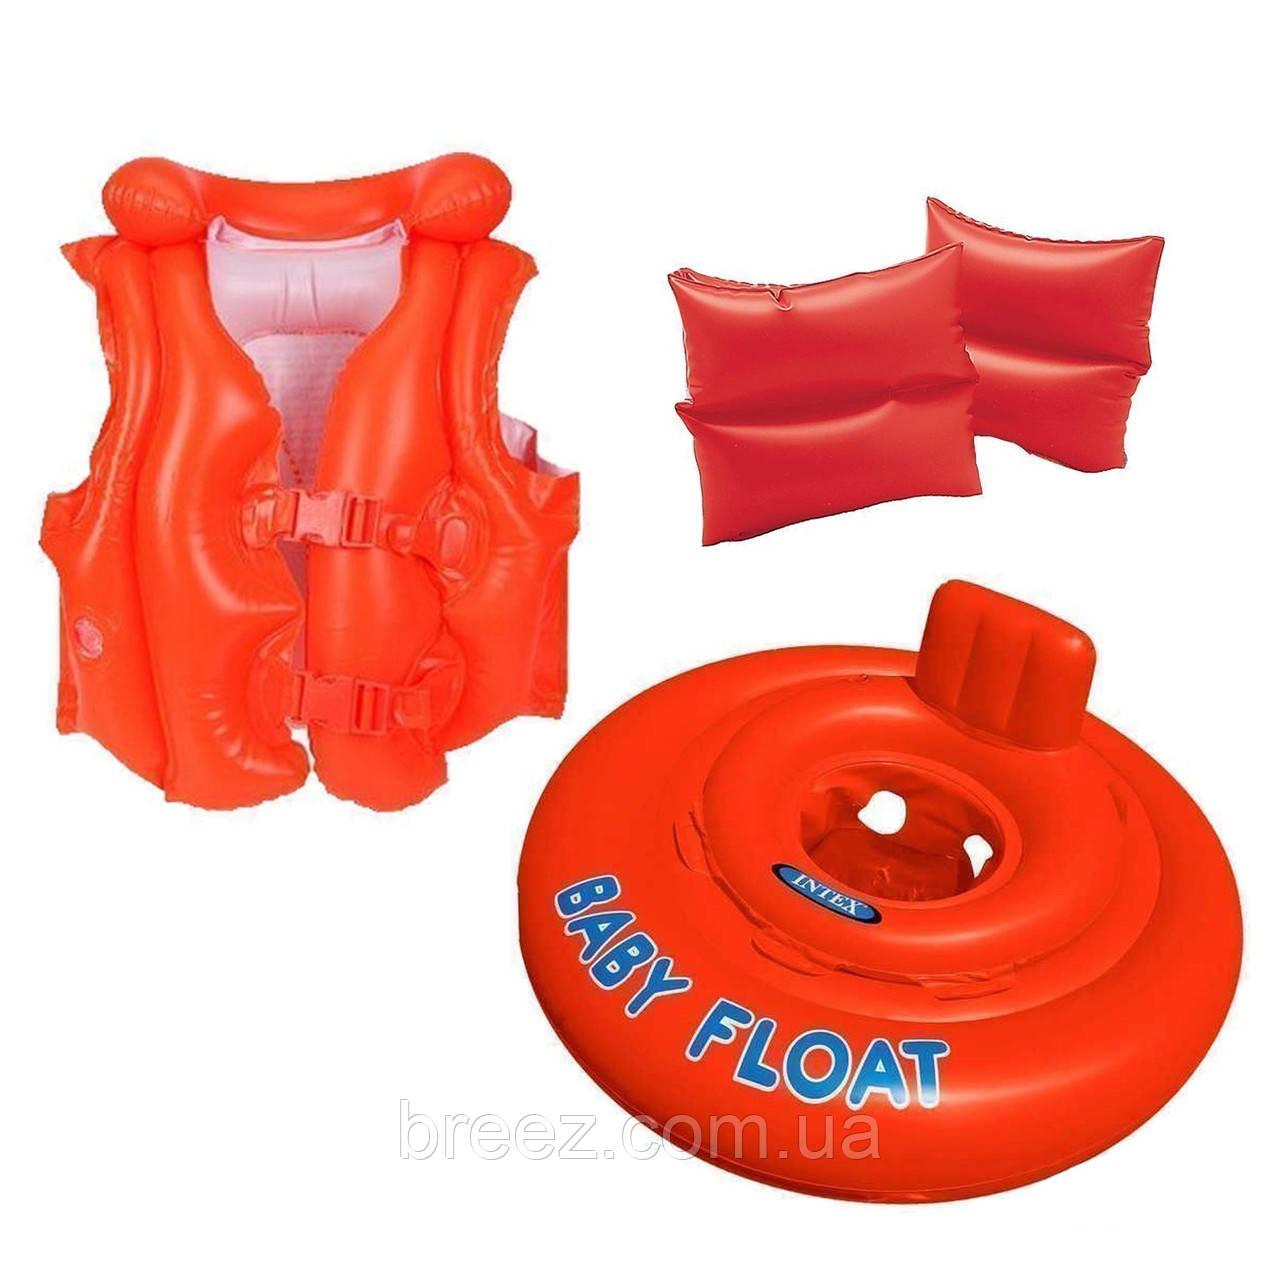 Детский комплект для плавания 3 в 1 Делюкс Intex